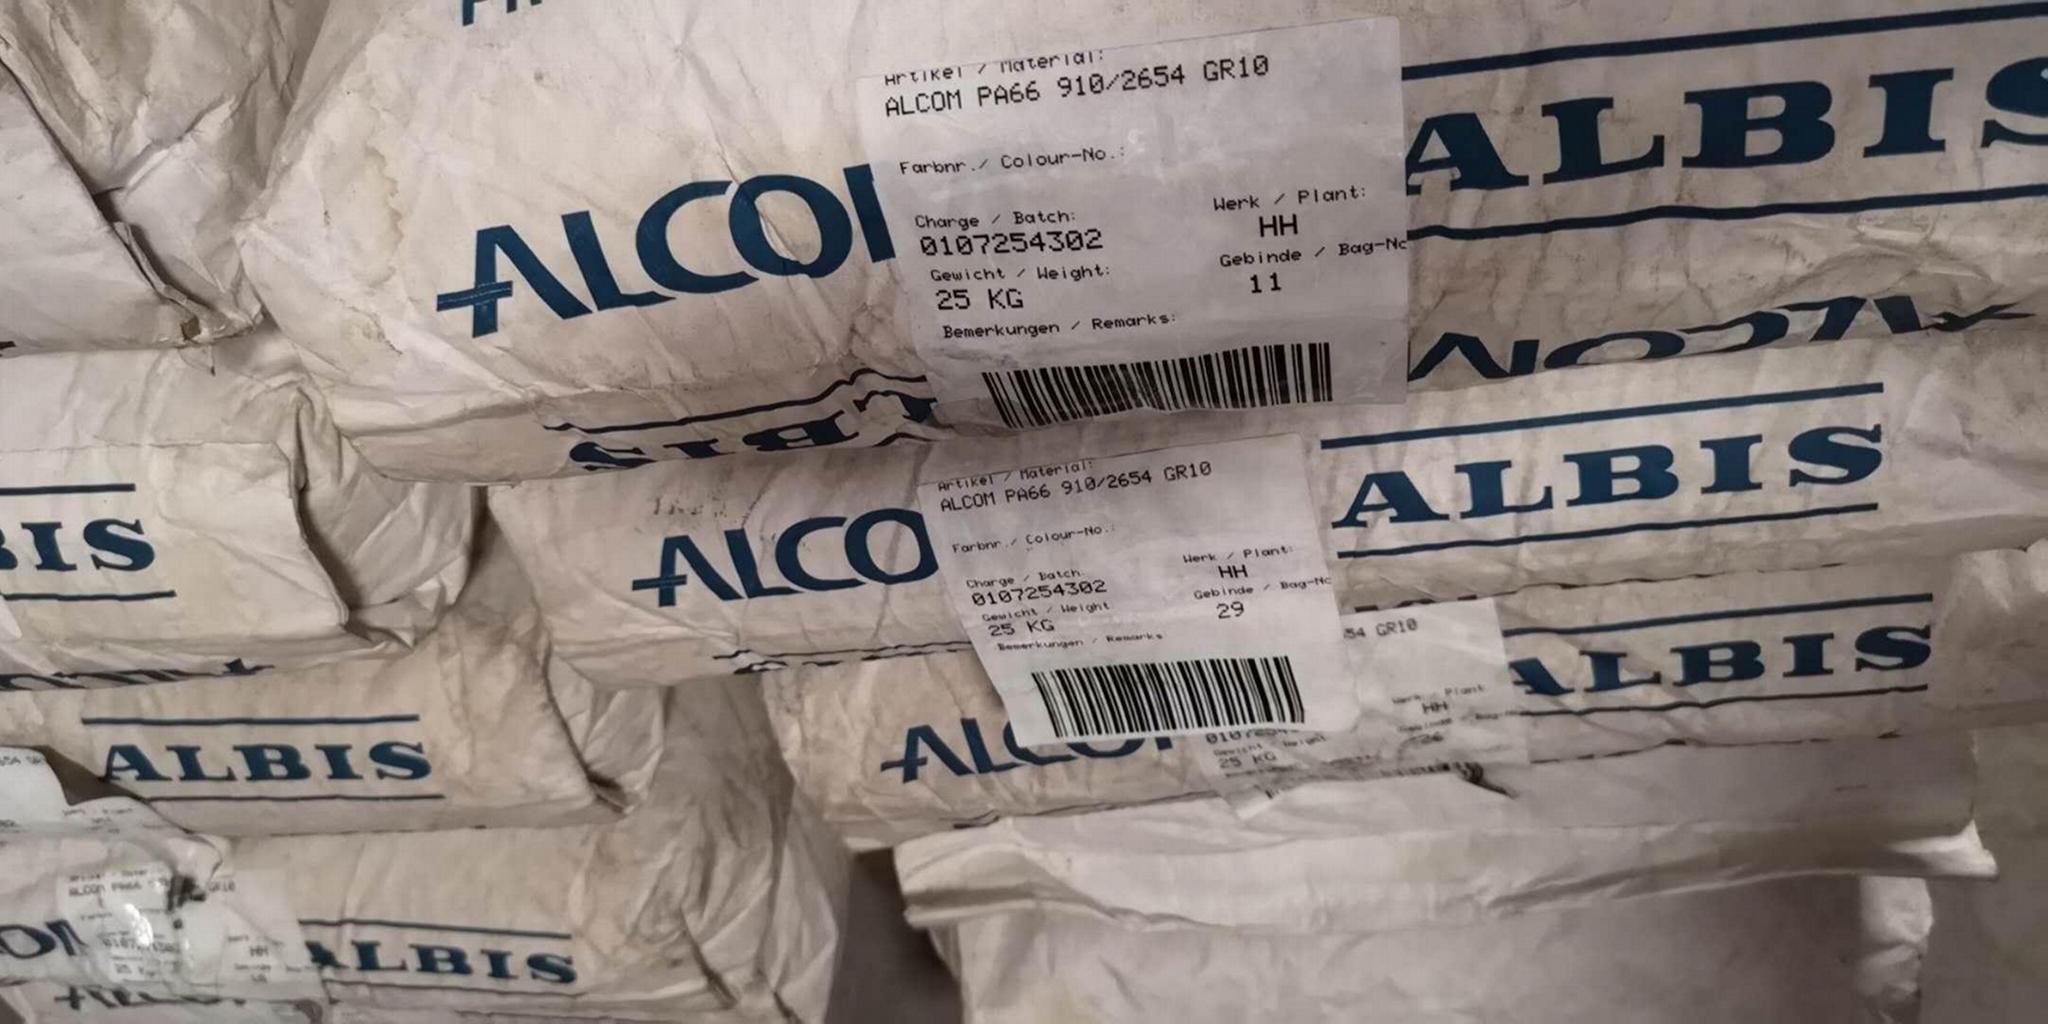 Alcom pa66 910-2654 GR10